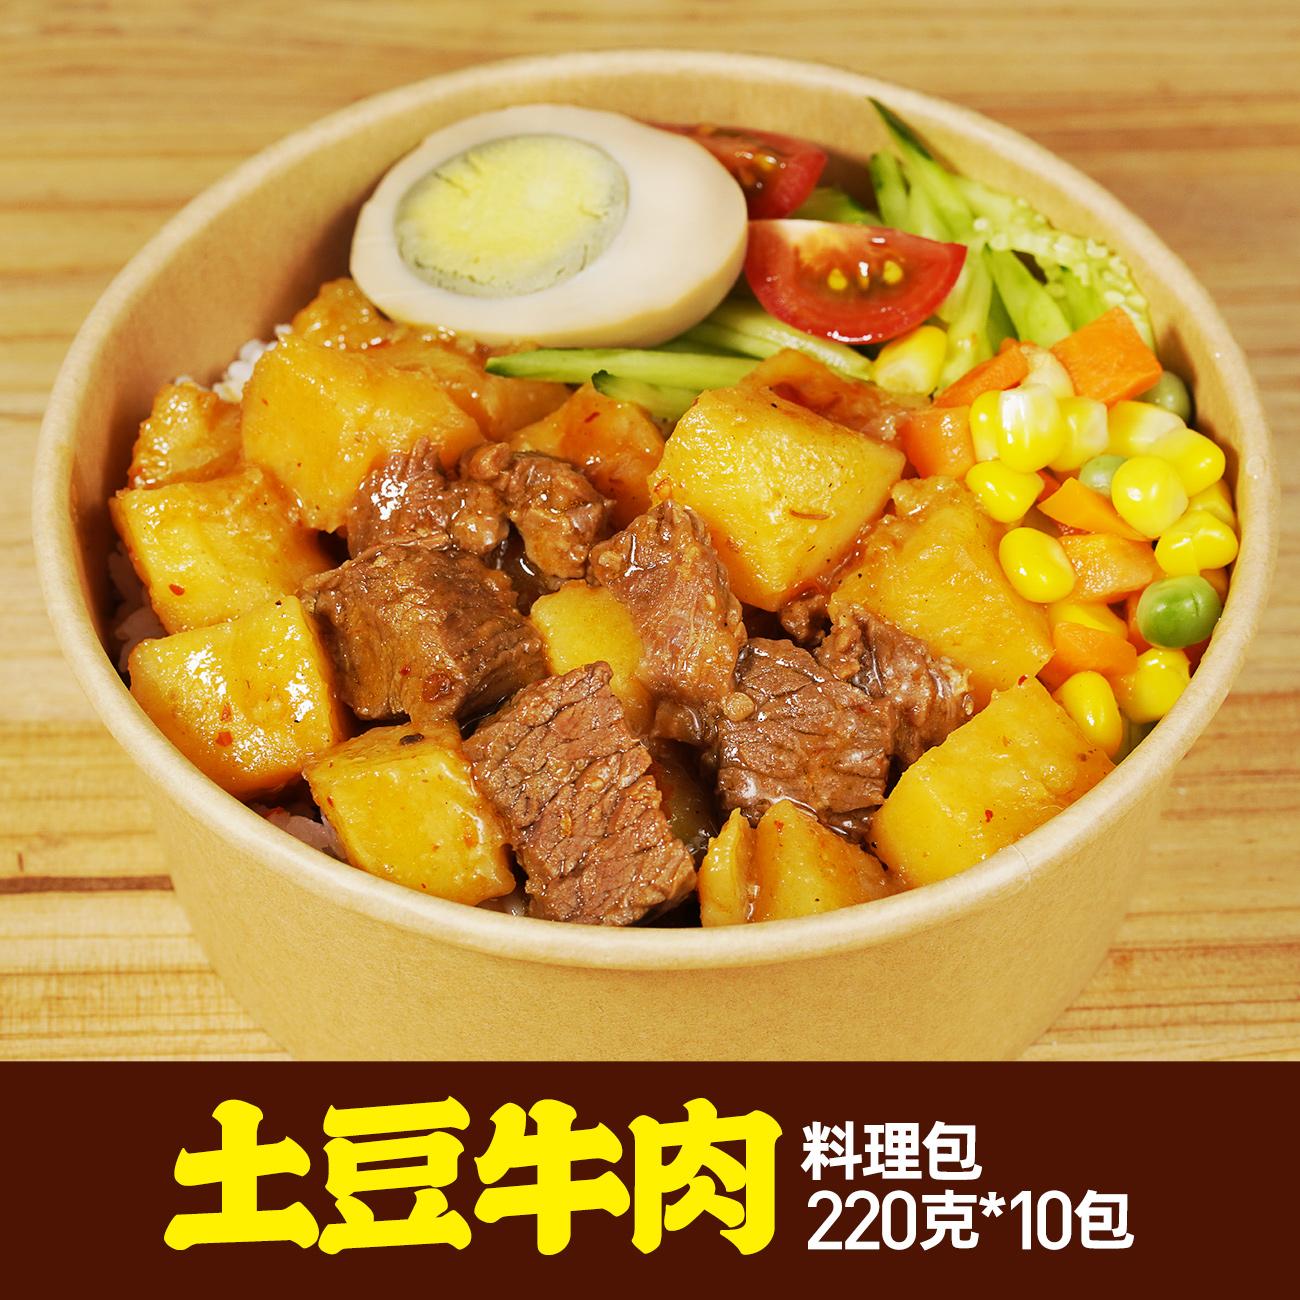 菜洋洋土豆烧牛肉220g*10包盖浇饭料理包速食快餐外卖半成品